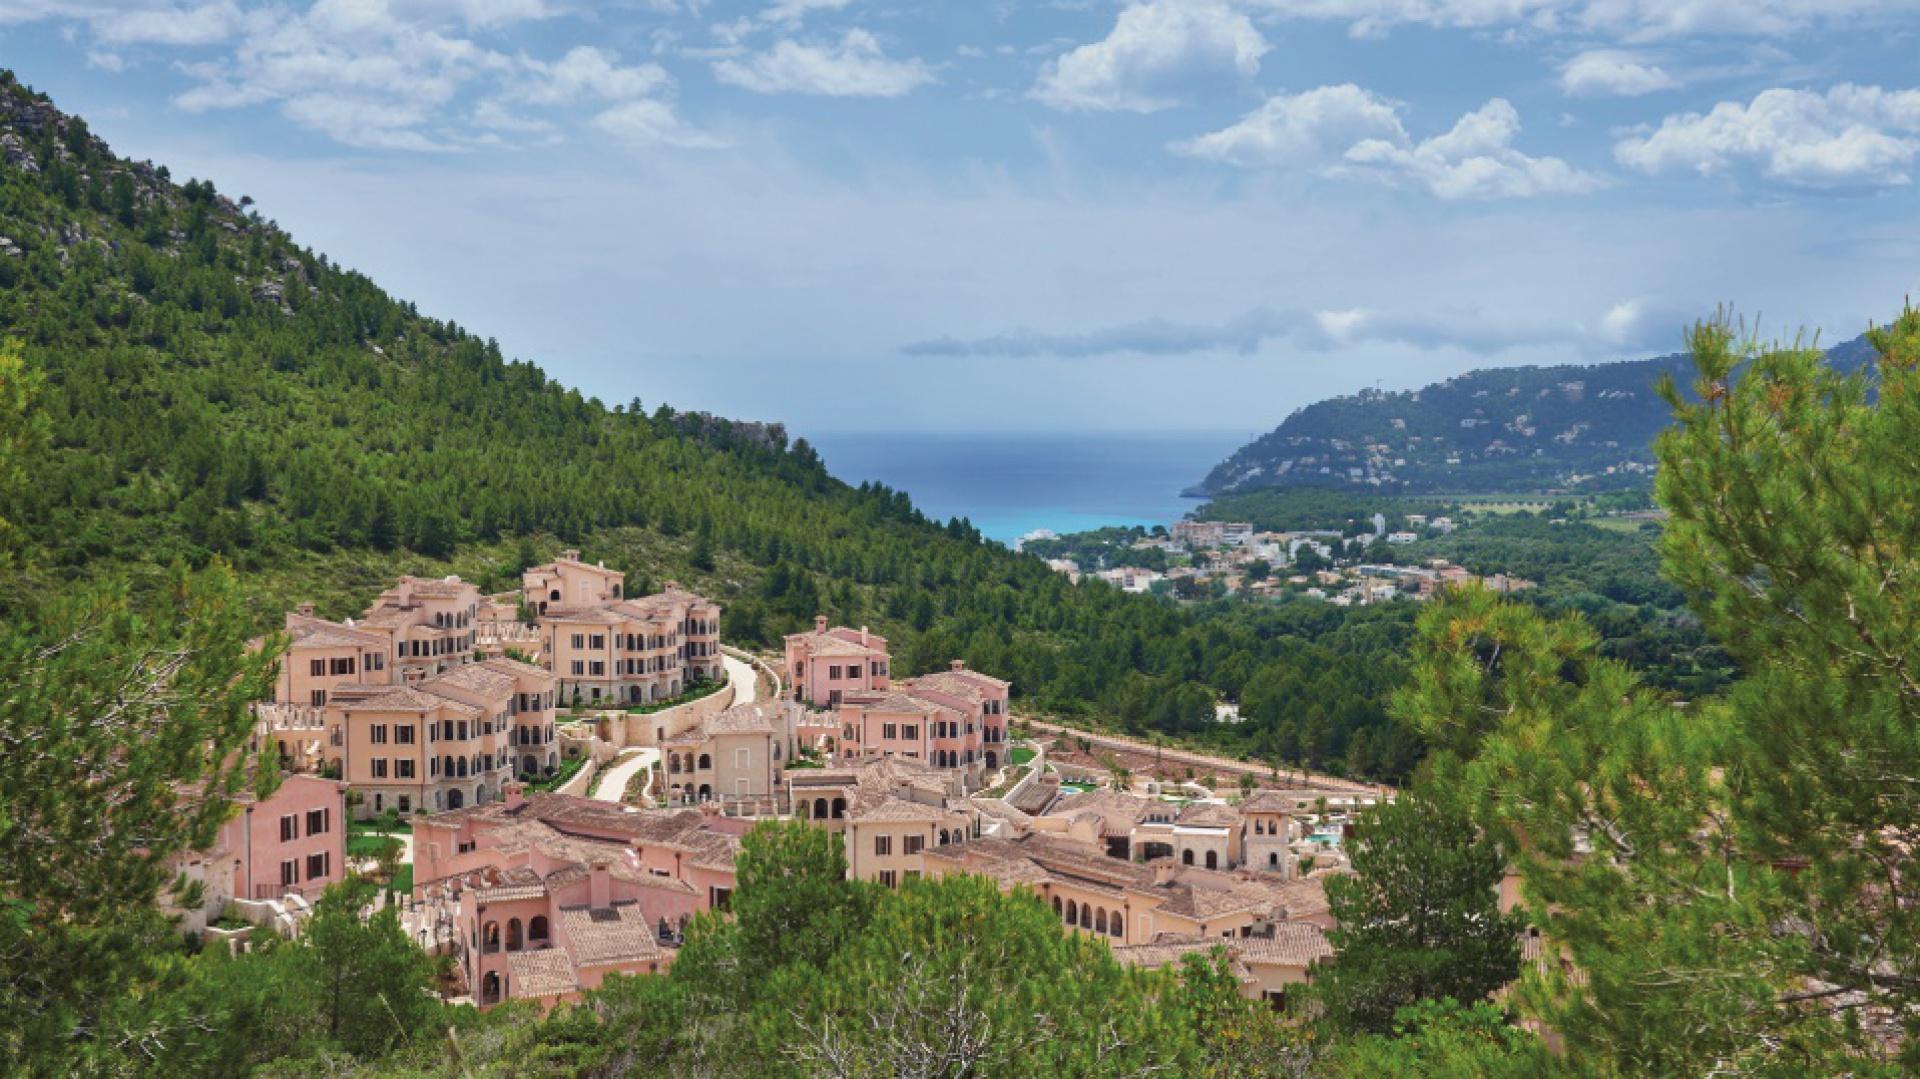 Park Hyatt Mallorca / fot. mat. prasowe Kaldewei